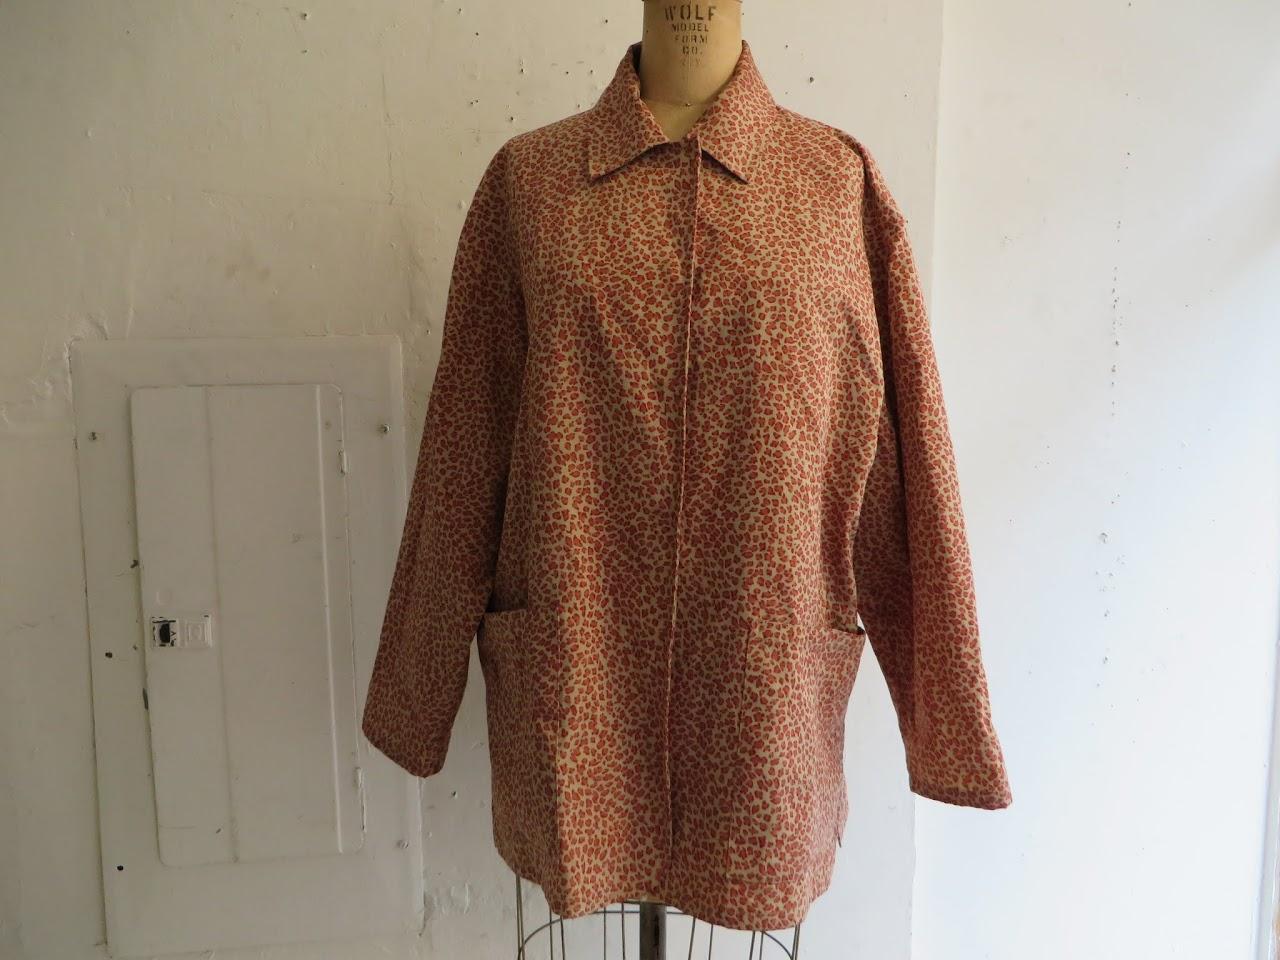 Bottega Veneta Leopard Rain Jacket